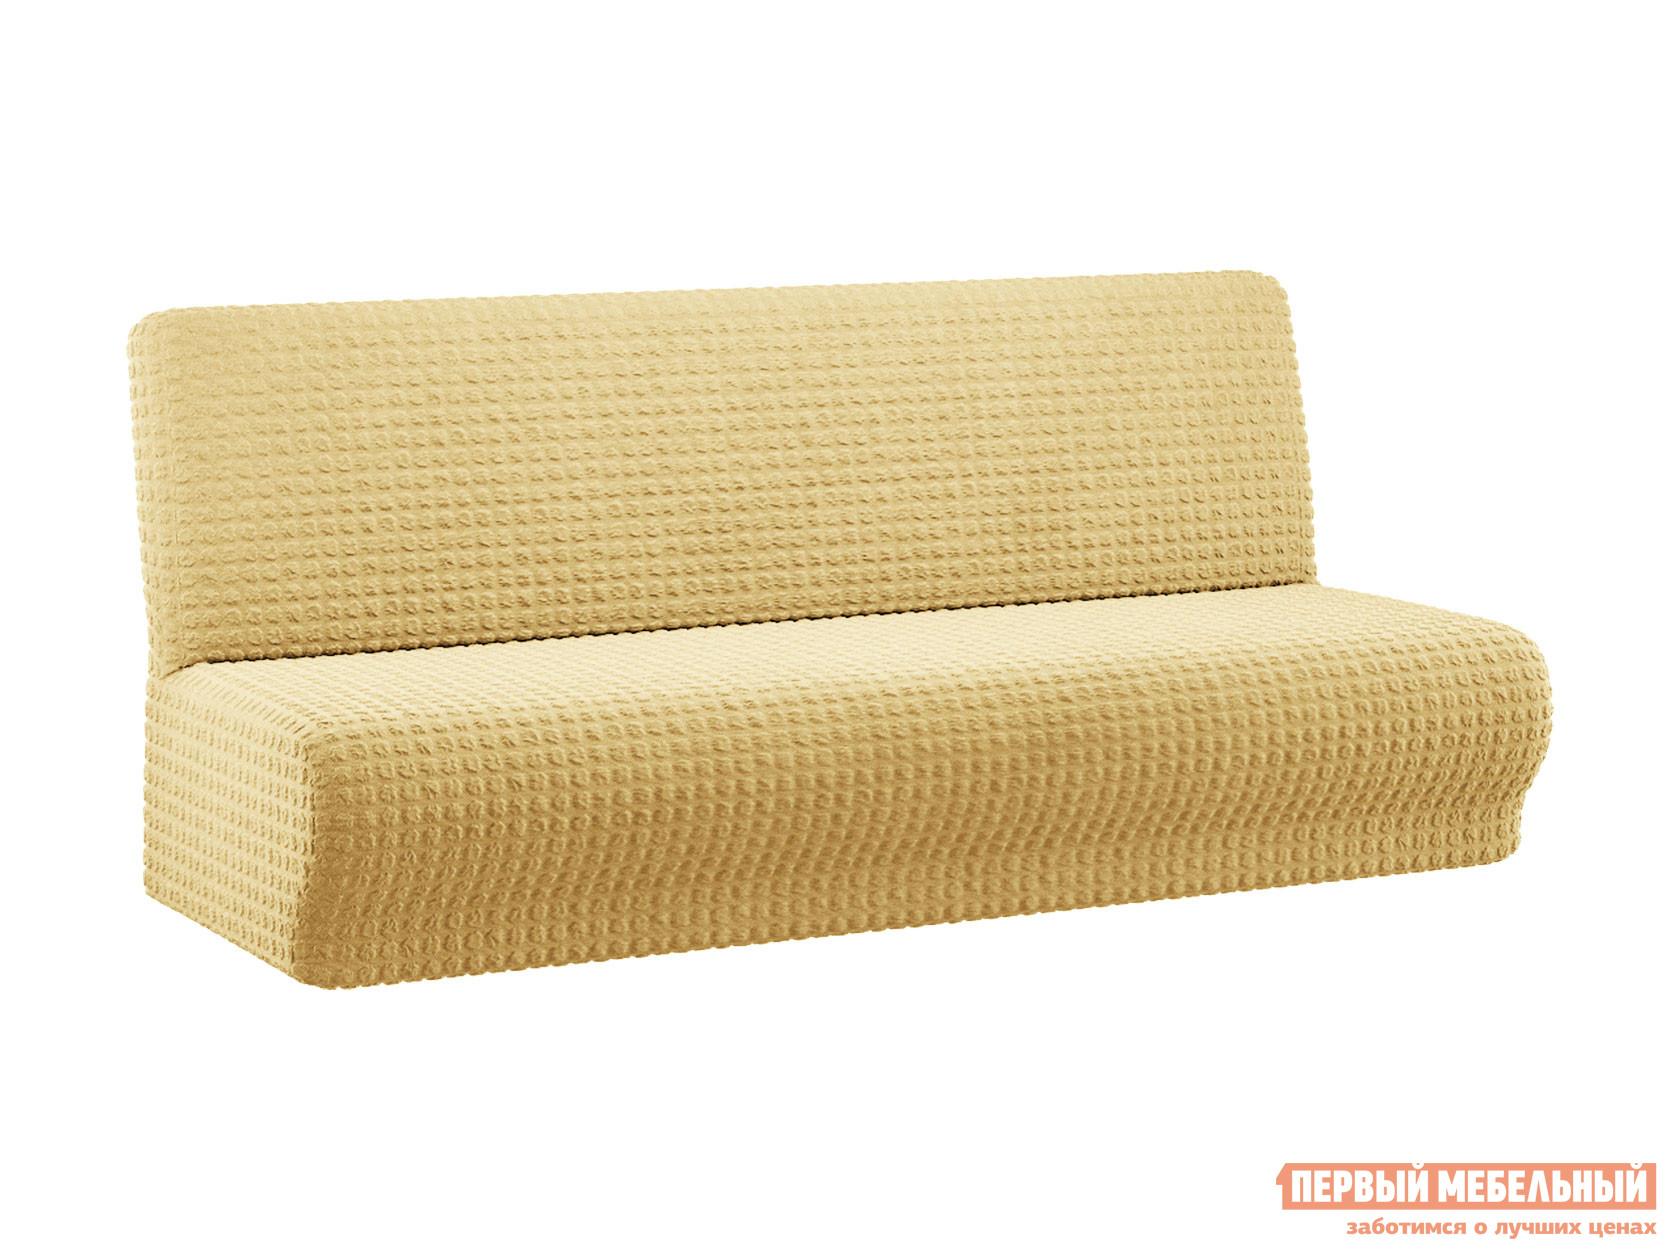 Фото - Чехол для трехместного дивана Первый Мебельный Чехол на трехместный диван без подлокотников жатка чехол для двухместного дивана первый мебельный чехол для дивана стамбул двухместный без юбки